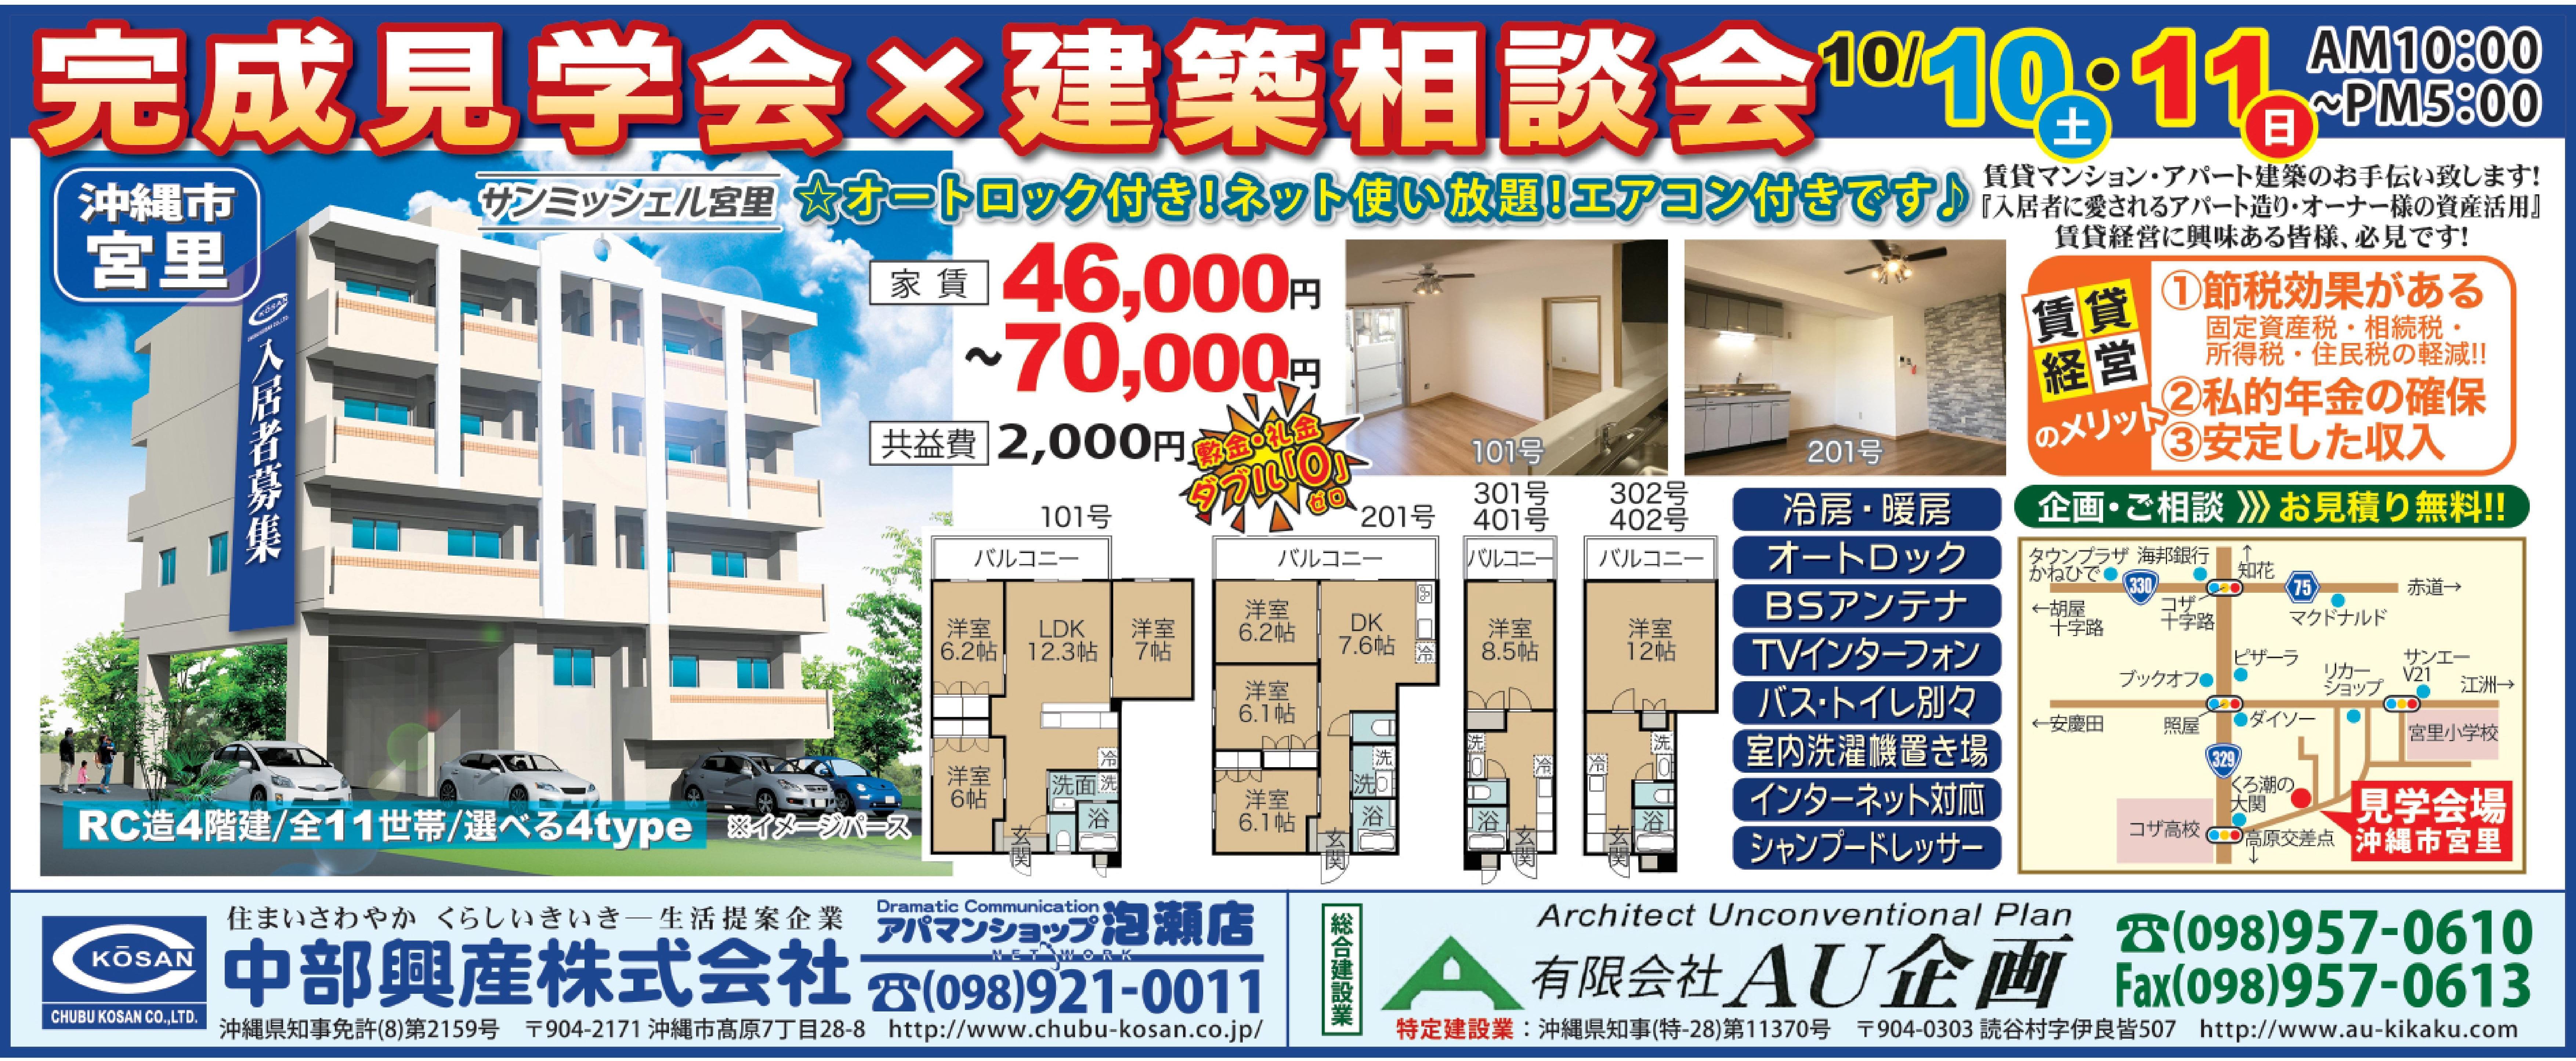 タイムス新聞完成見学会(喜納氏共同).jpg